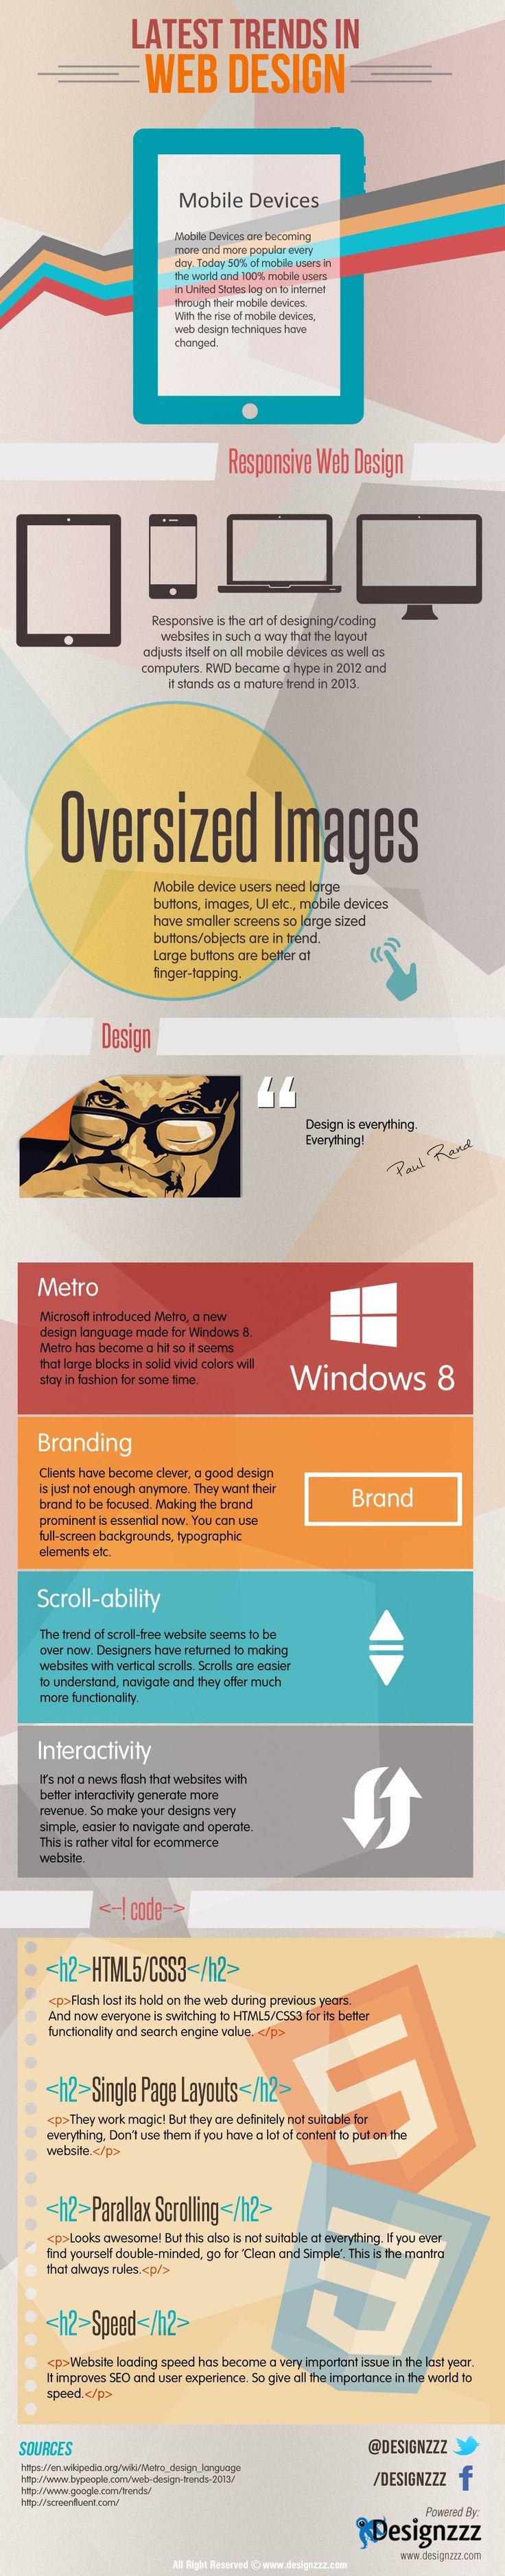 Les dernières tendances du web design